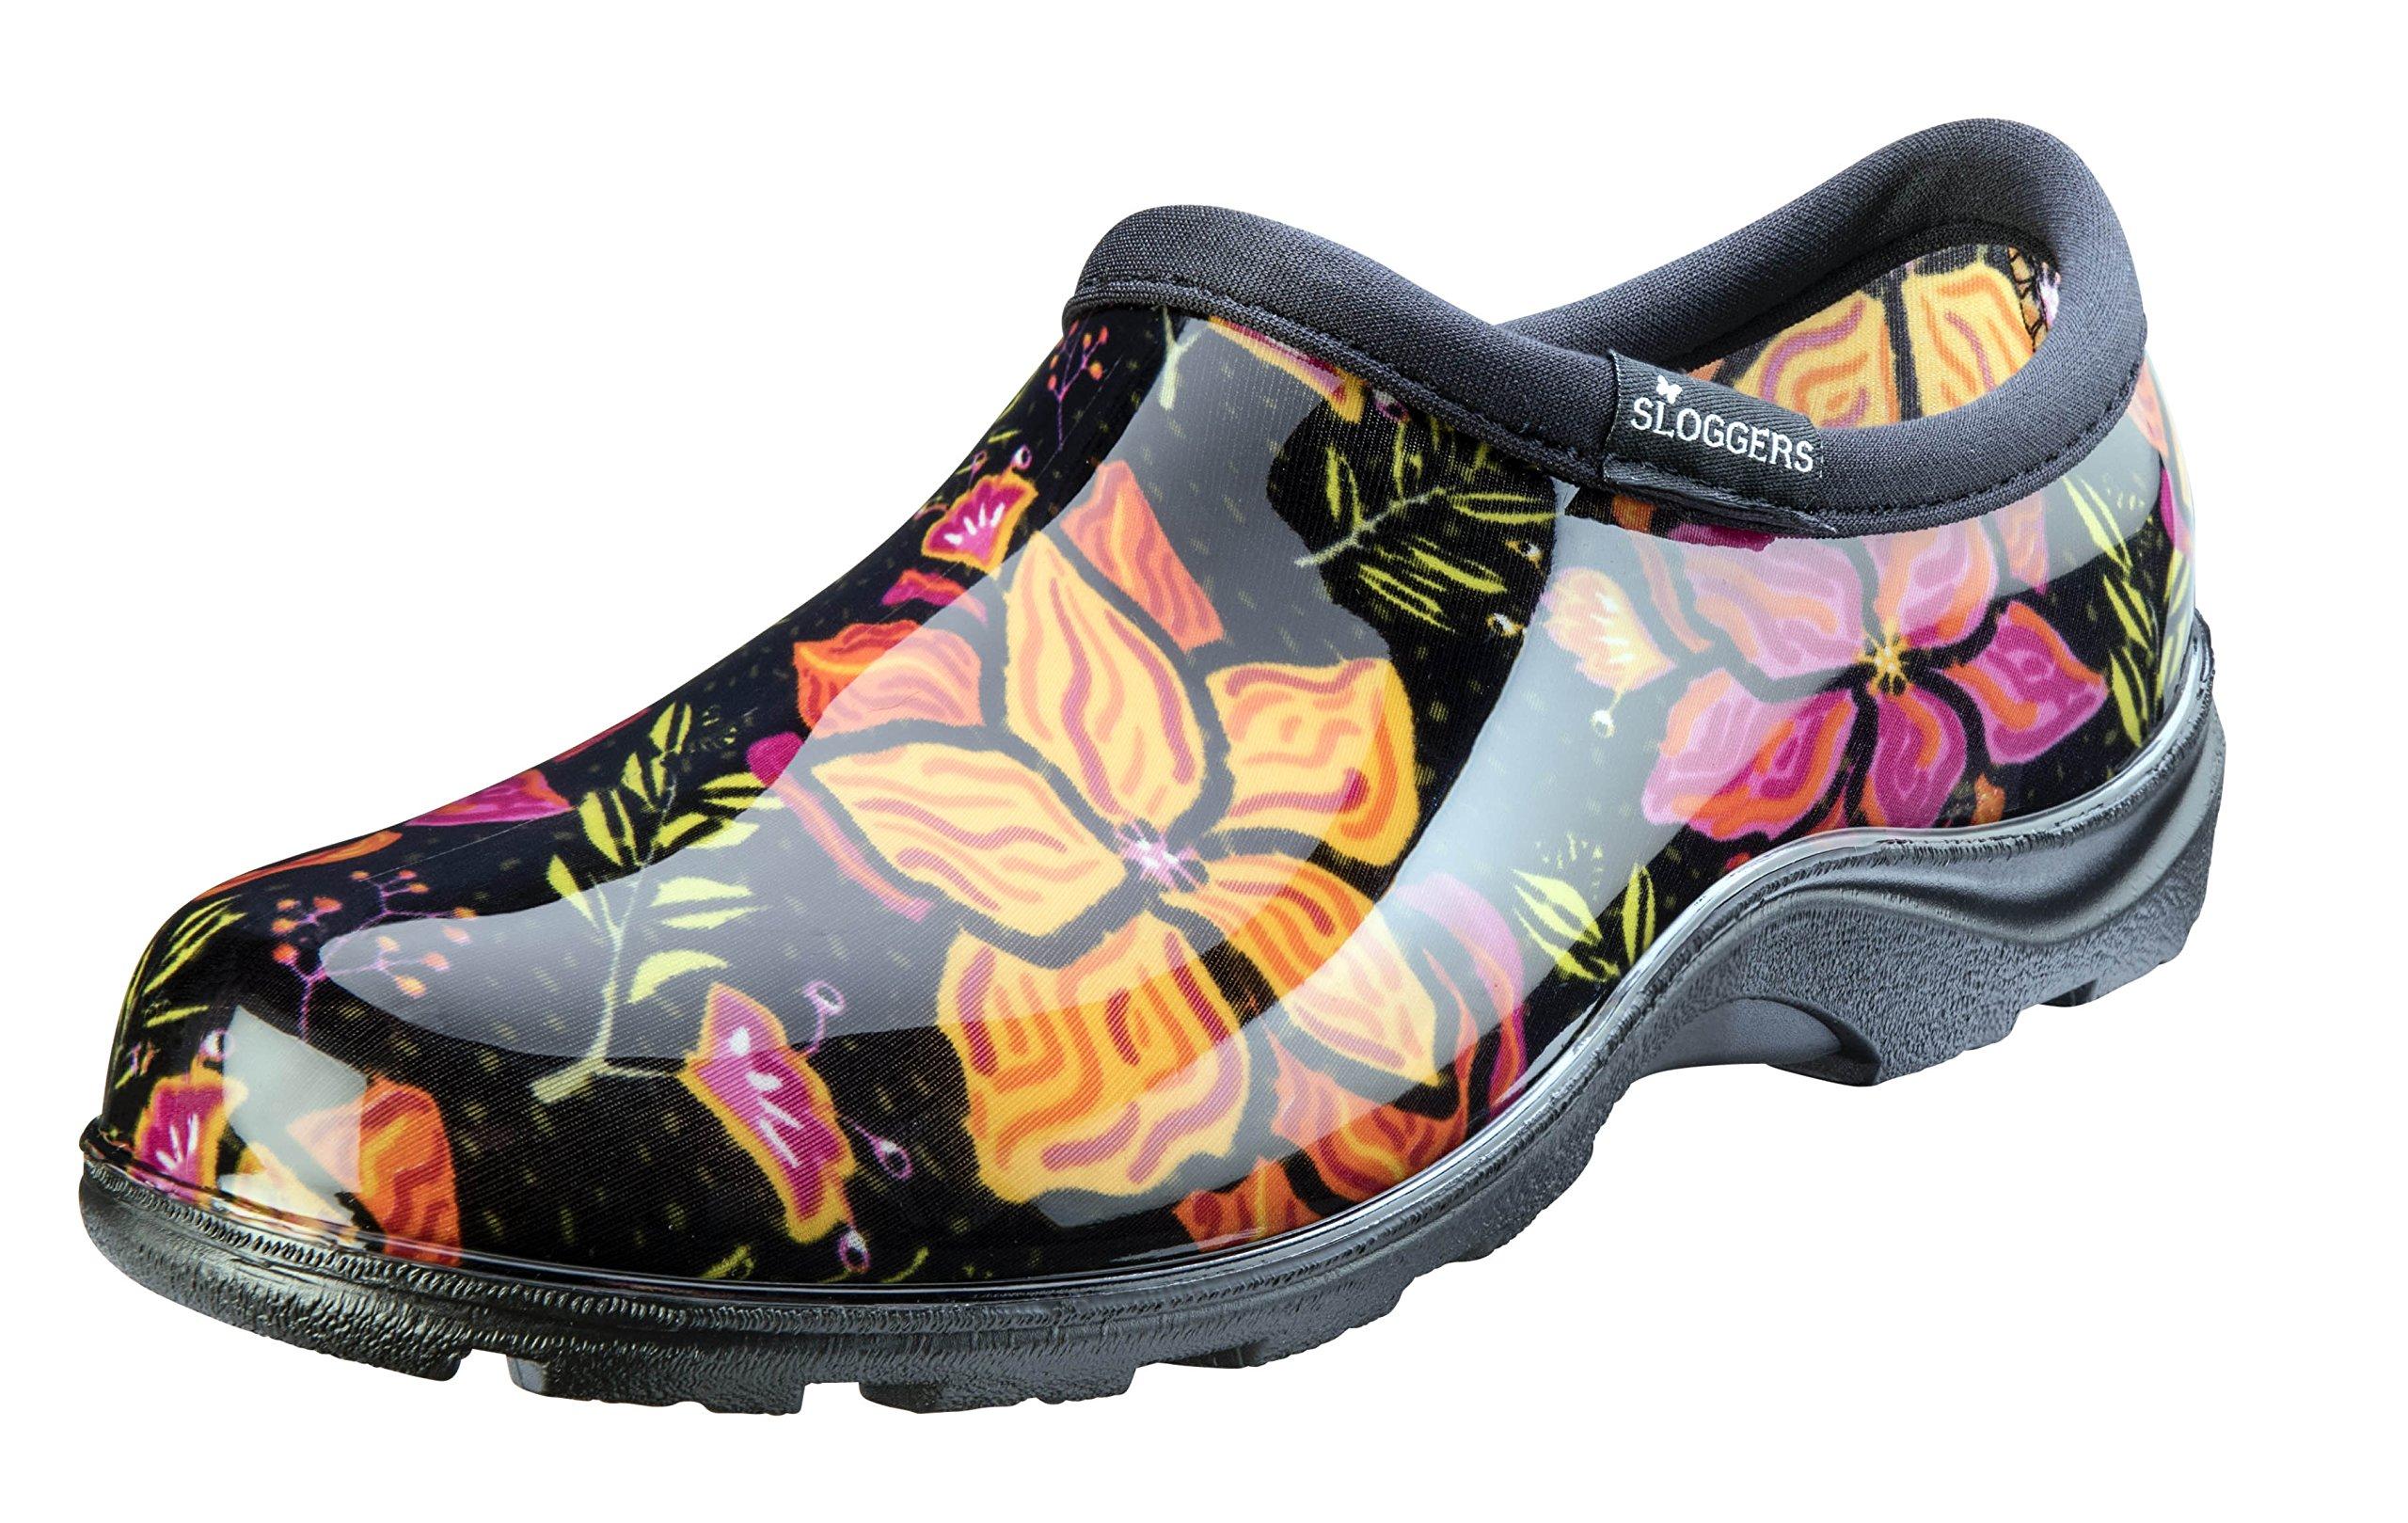 Sloggers Women's Waterproof Rain Garden Shoe Comfort Insole, Spring Surprise Black, Size 10, Style 5118SSBK10